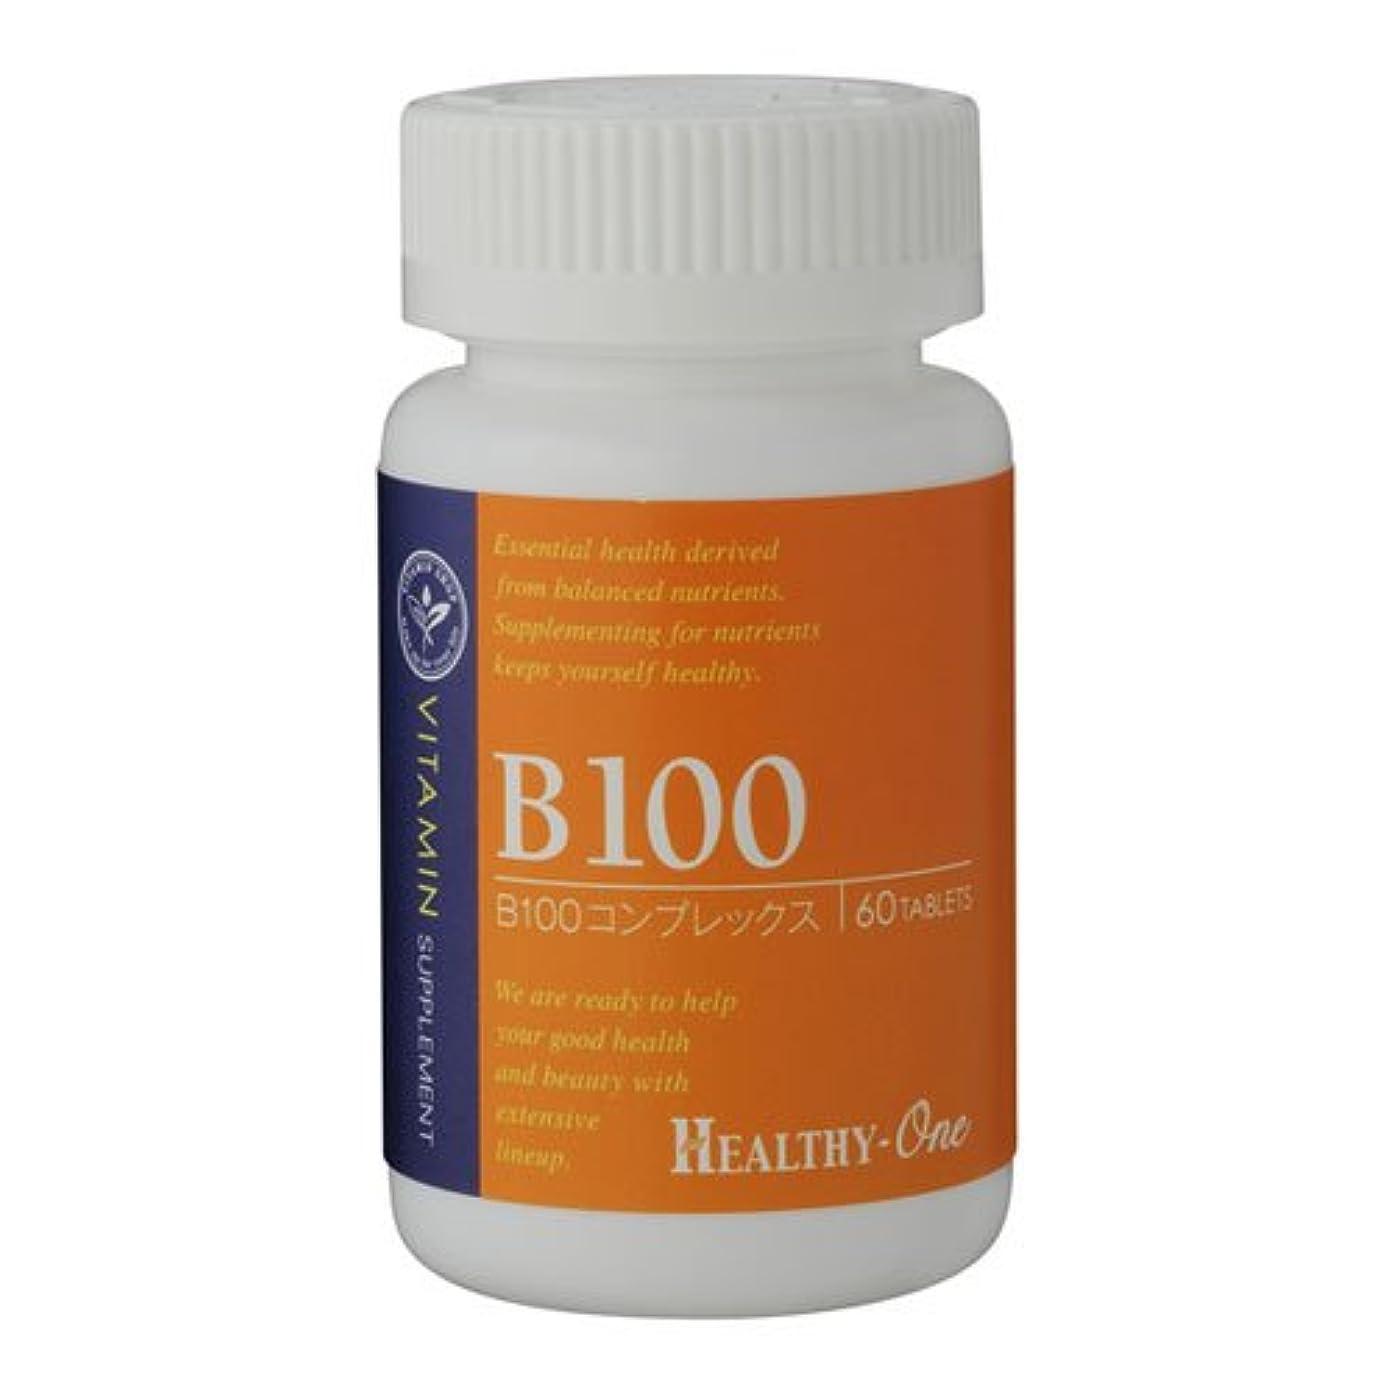 伝染性の場合エイズヘルシーワン ビタミンB100 60粒 60日分